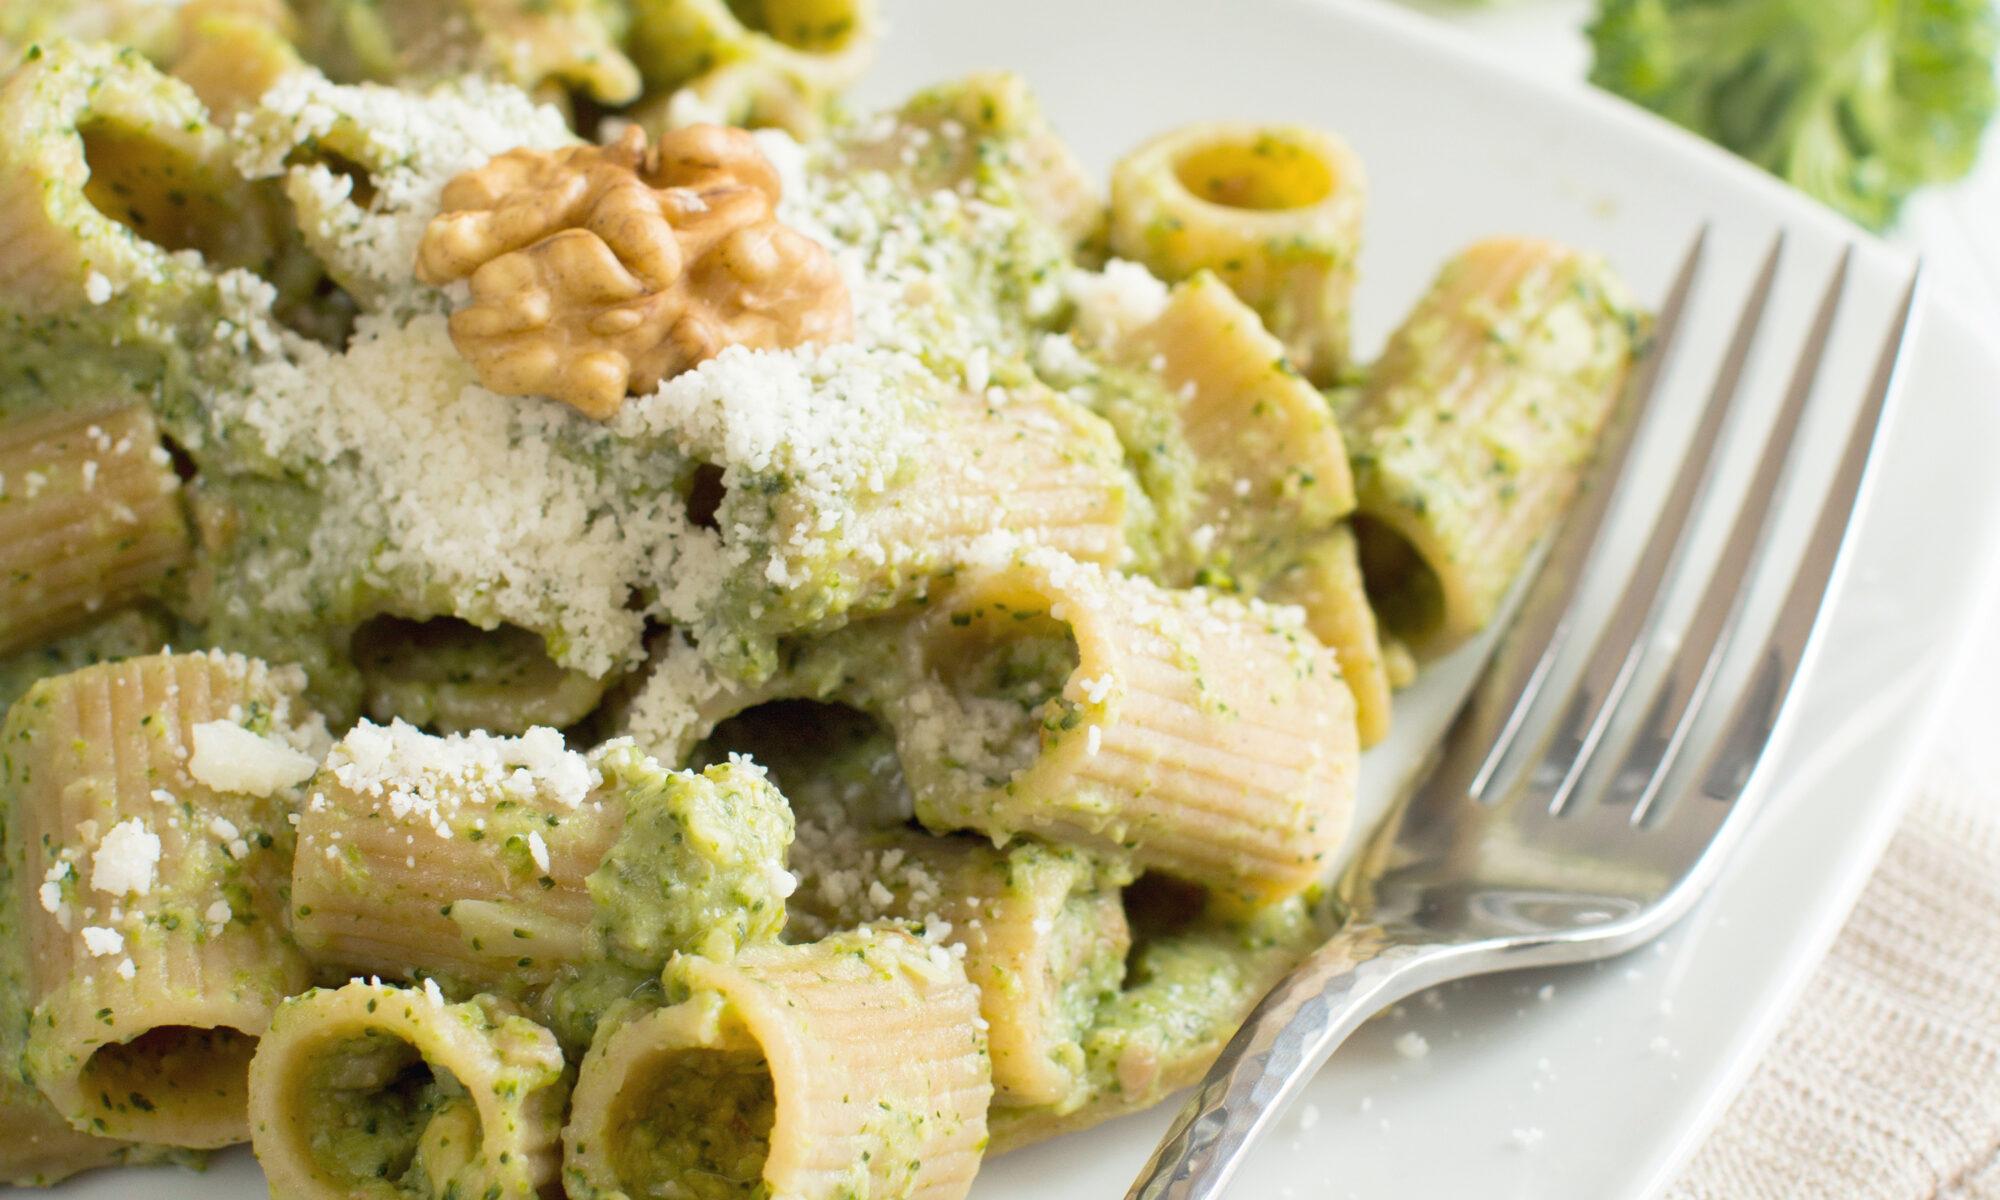 l'immagine fa vedere il risultato della ricetta pasta integrale (occhi di lupo biolu) e broccoletti